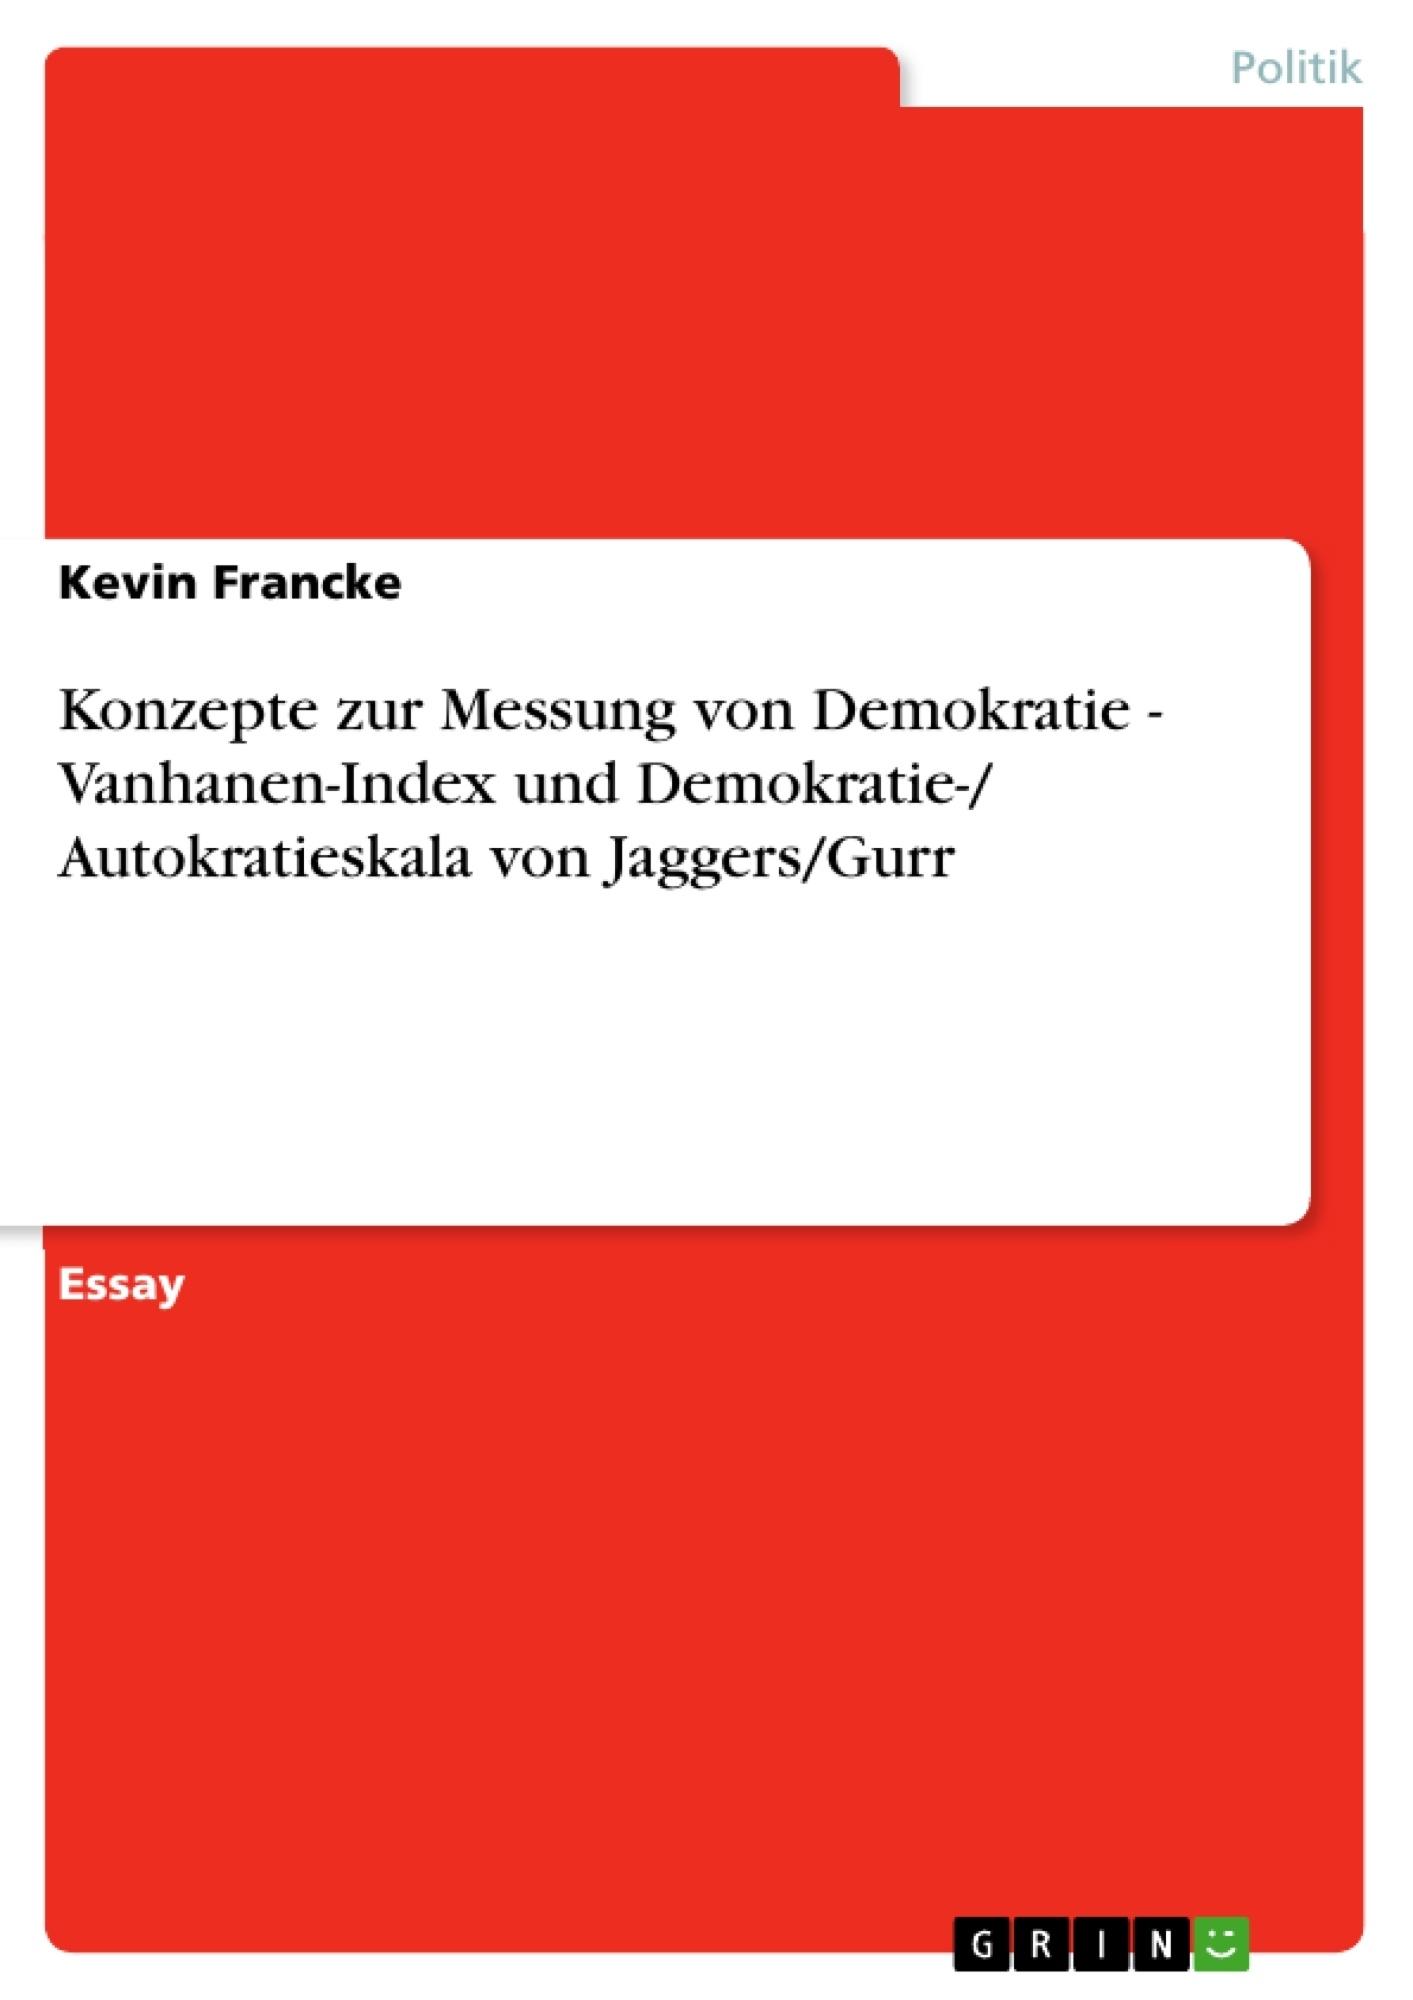 Titel: Konzepte zur Messung von Demokratie - Vanhanen-Index und Demokratie-/ Autokratieskala von Jaggers/Gurr